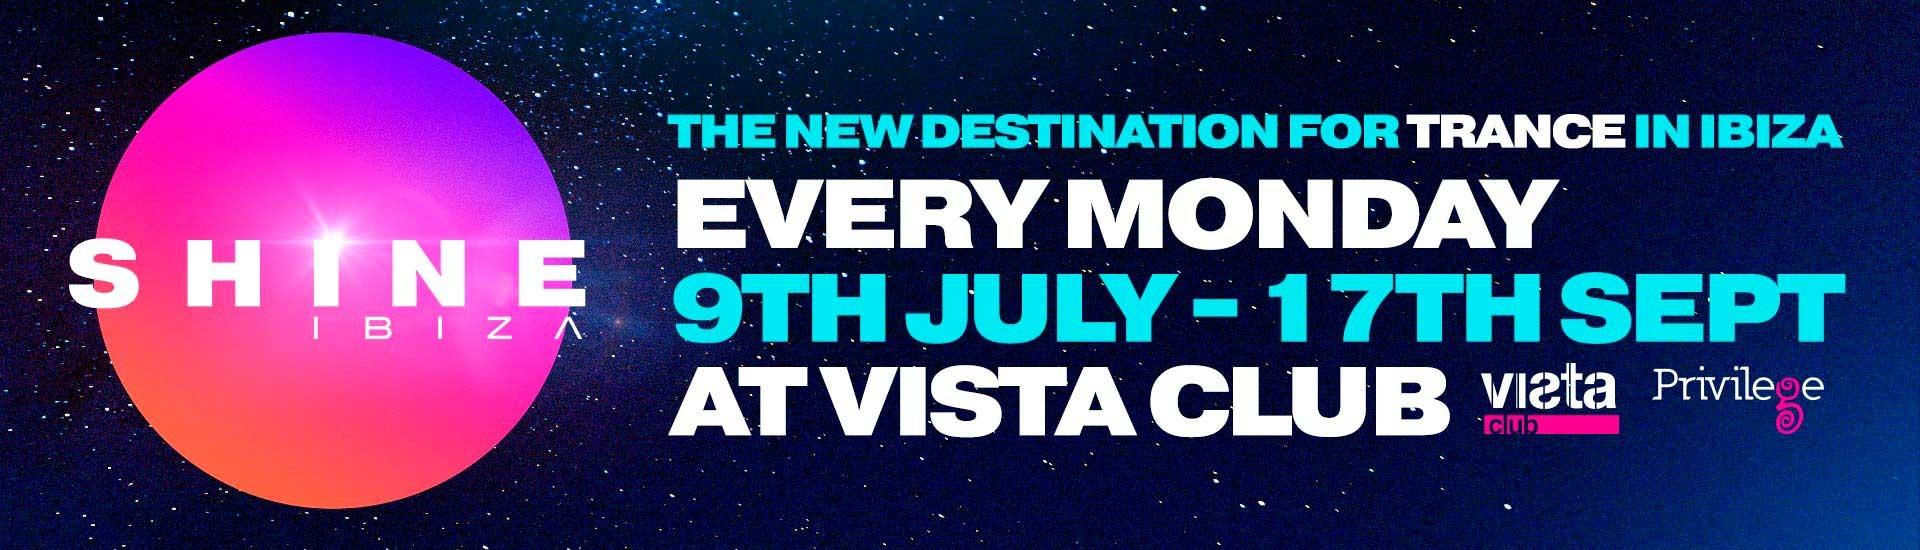 Privilege in Ibiza 25 Jun 2018